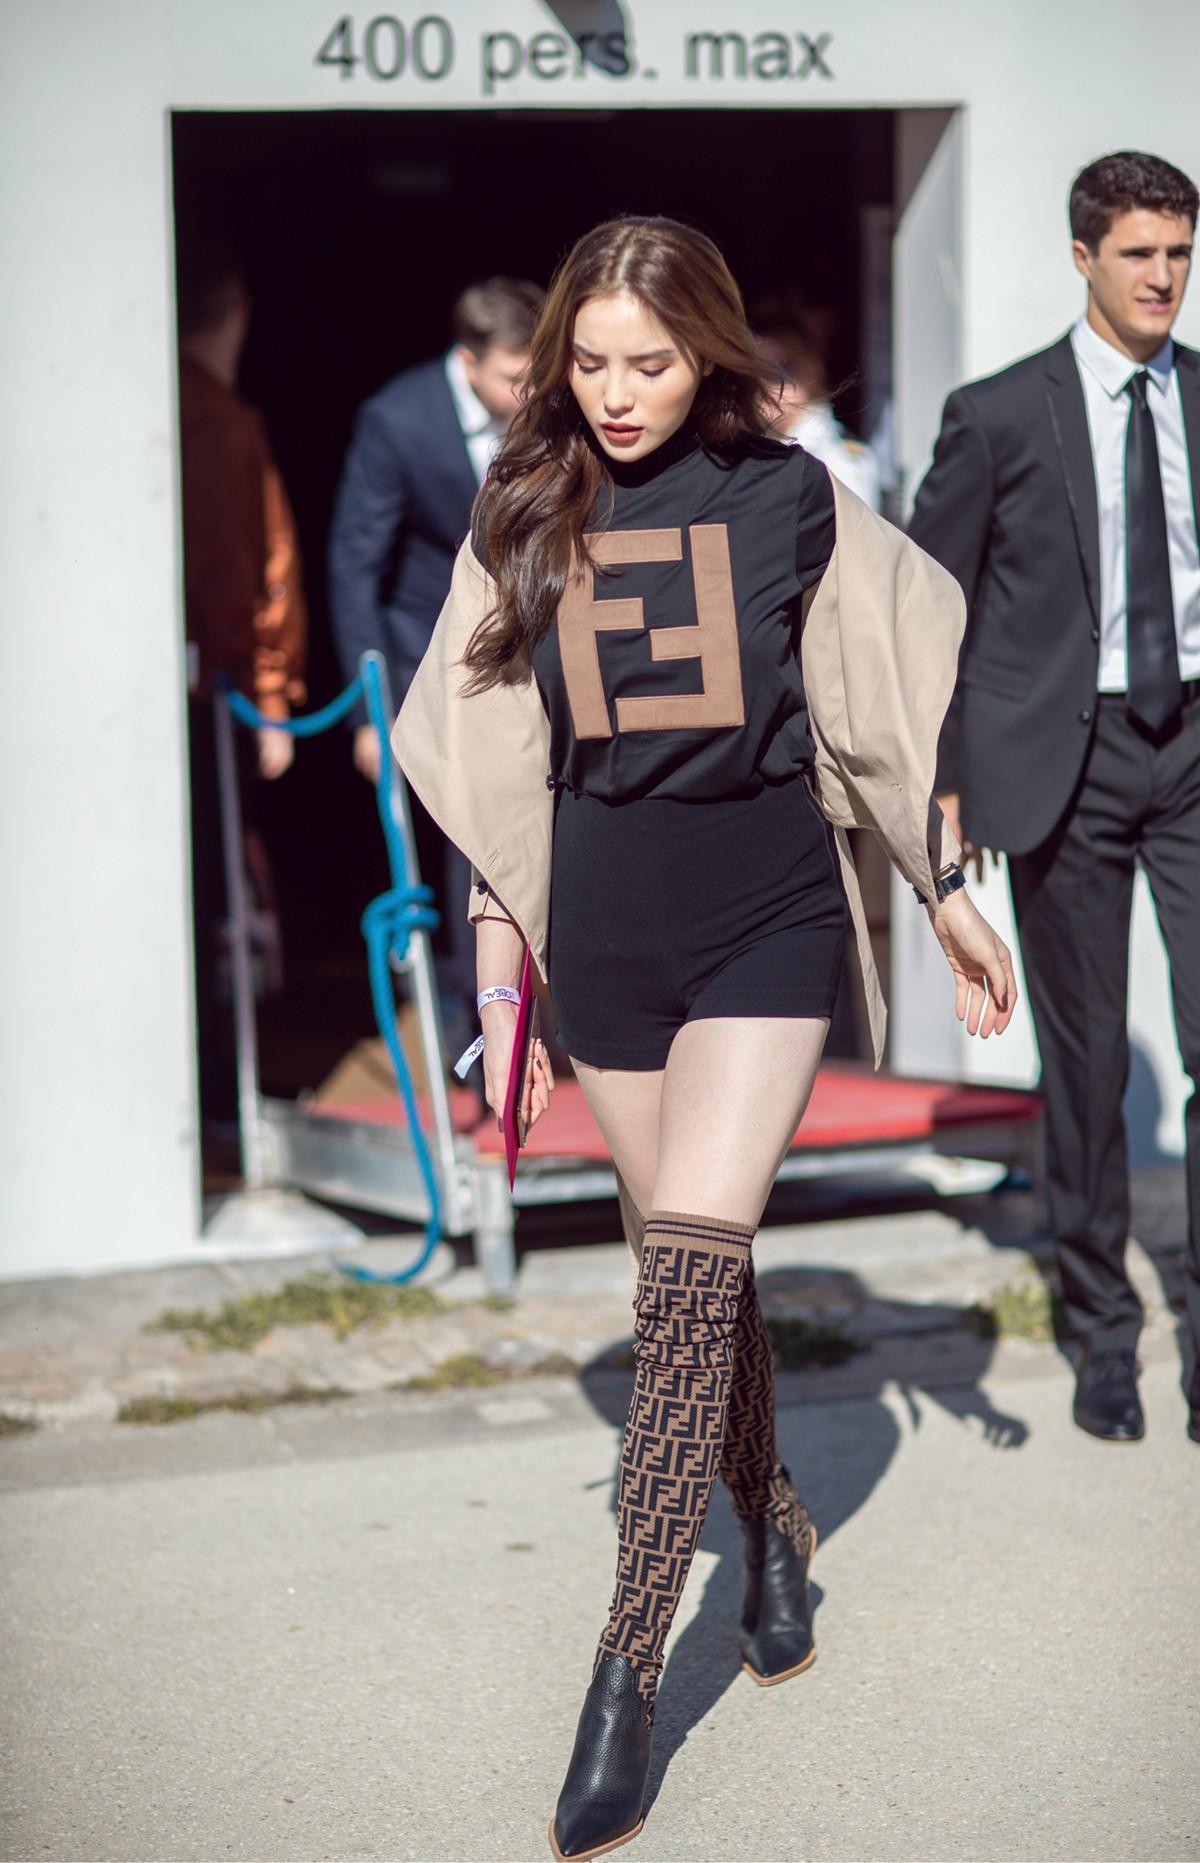 Kỳ Duyên ở Paris: Thần thái sang chảnh ngút ngàn tại show thời trang - Ảnh 6.